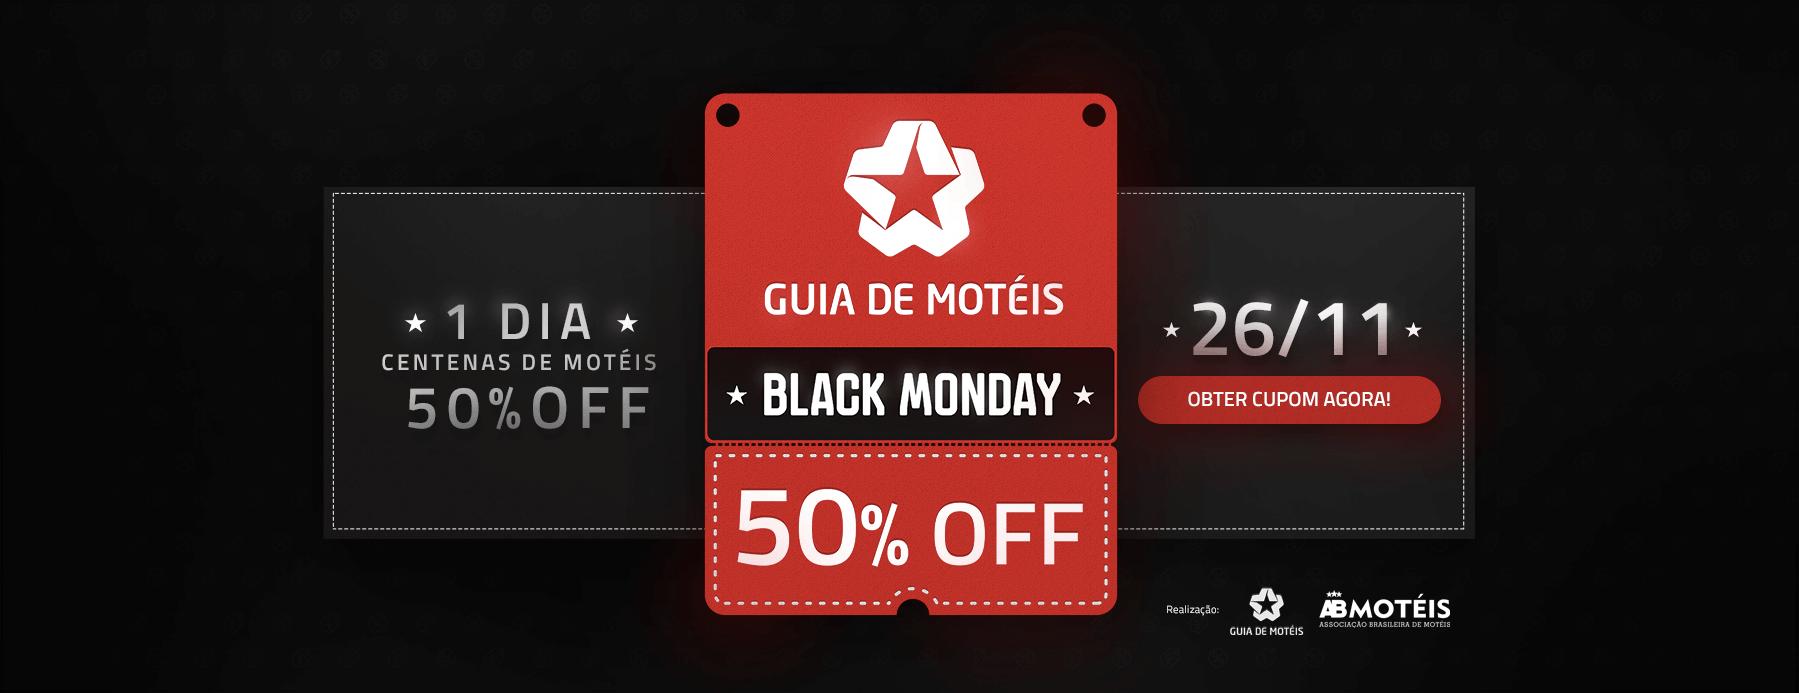 Motel Black Monday 2018 - 1 Dia, Centenas de Motéis, 50% OFF. Somente no dia 26 de Novembro de 2018